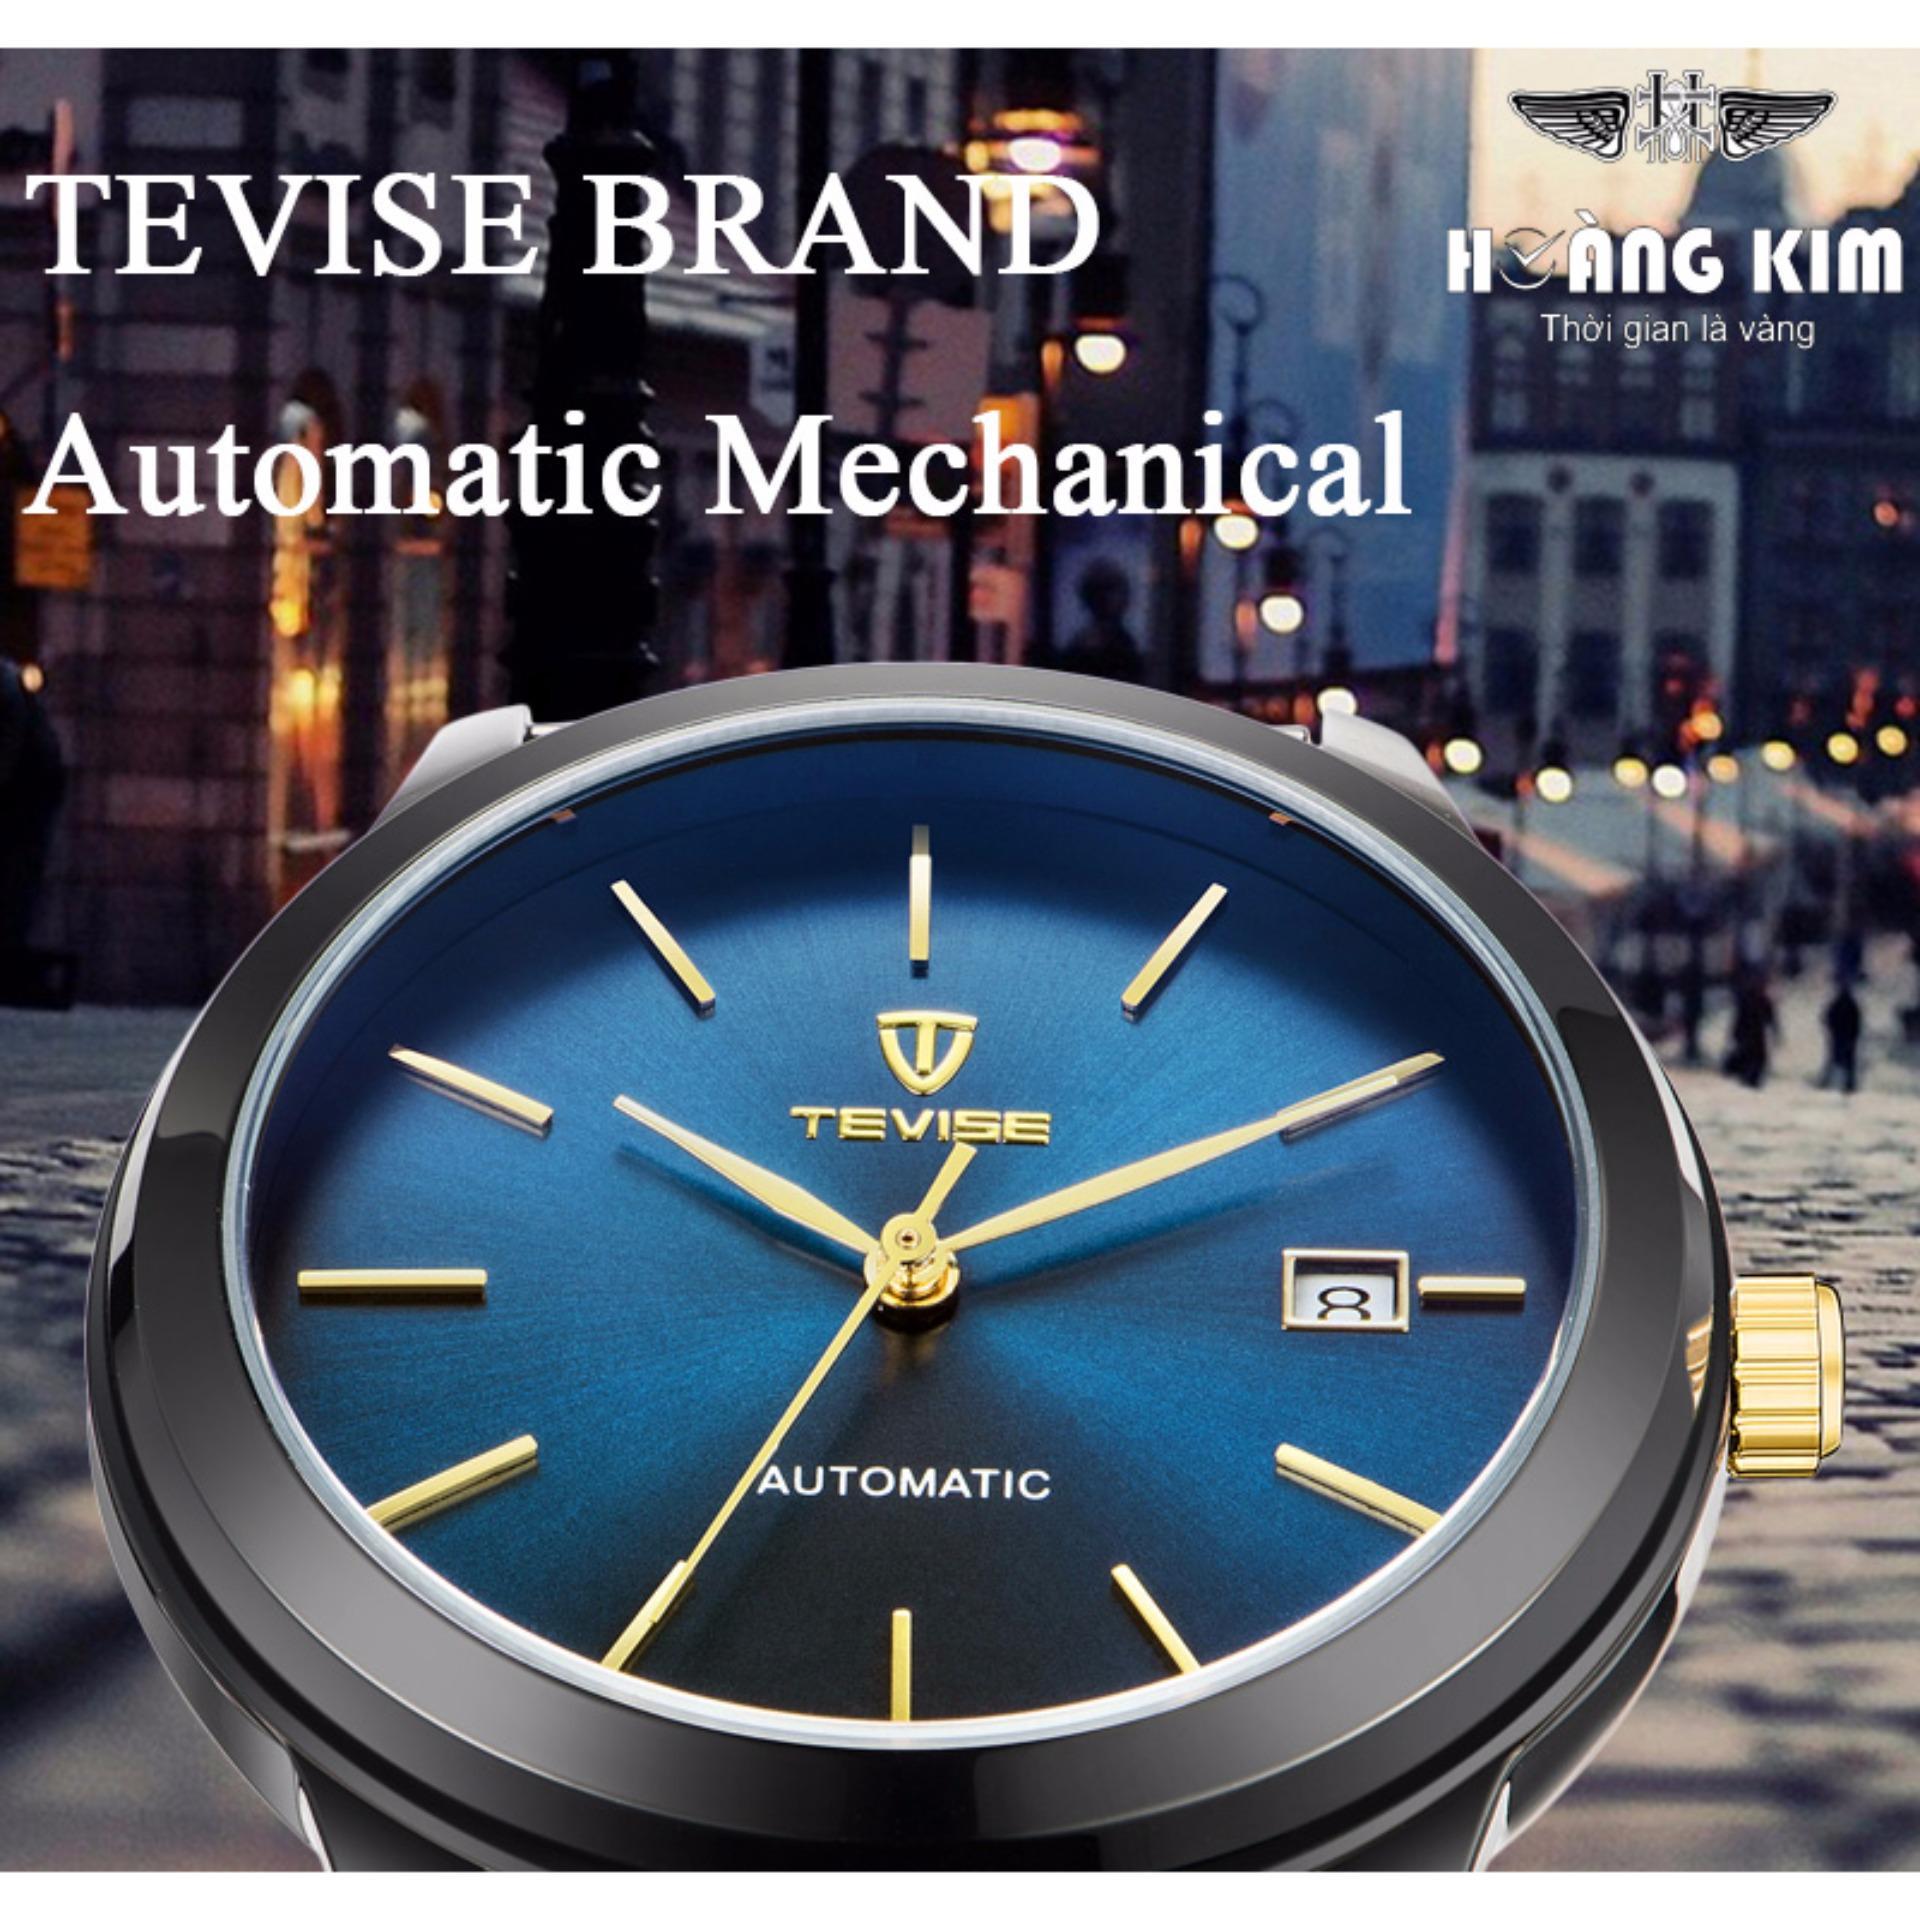 Đồng hồ Tevise 9017 cơ tự động dây lụa đen